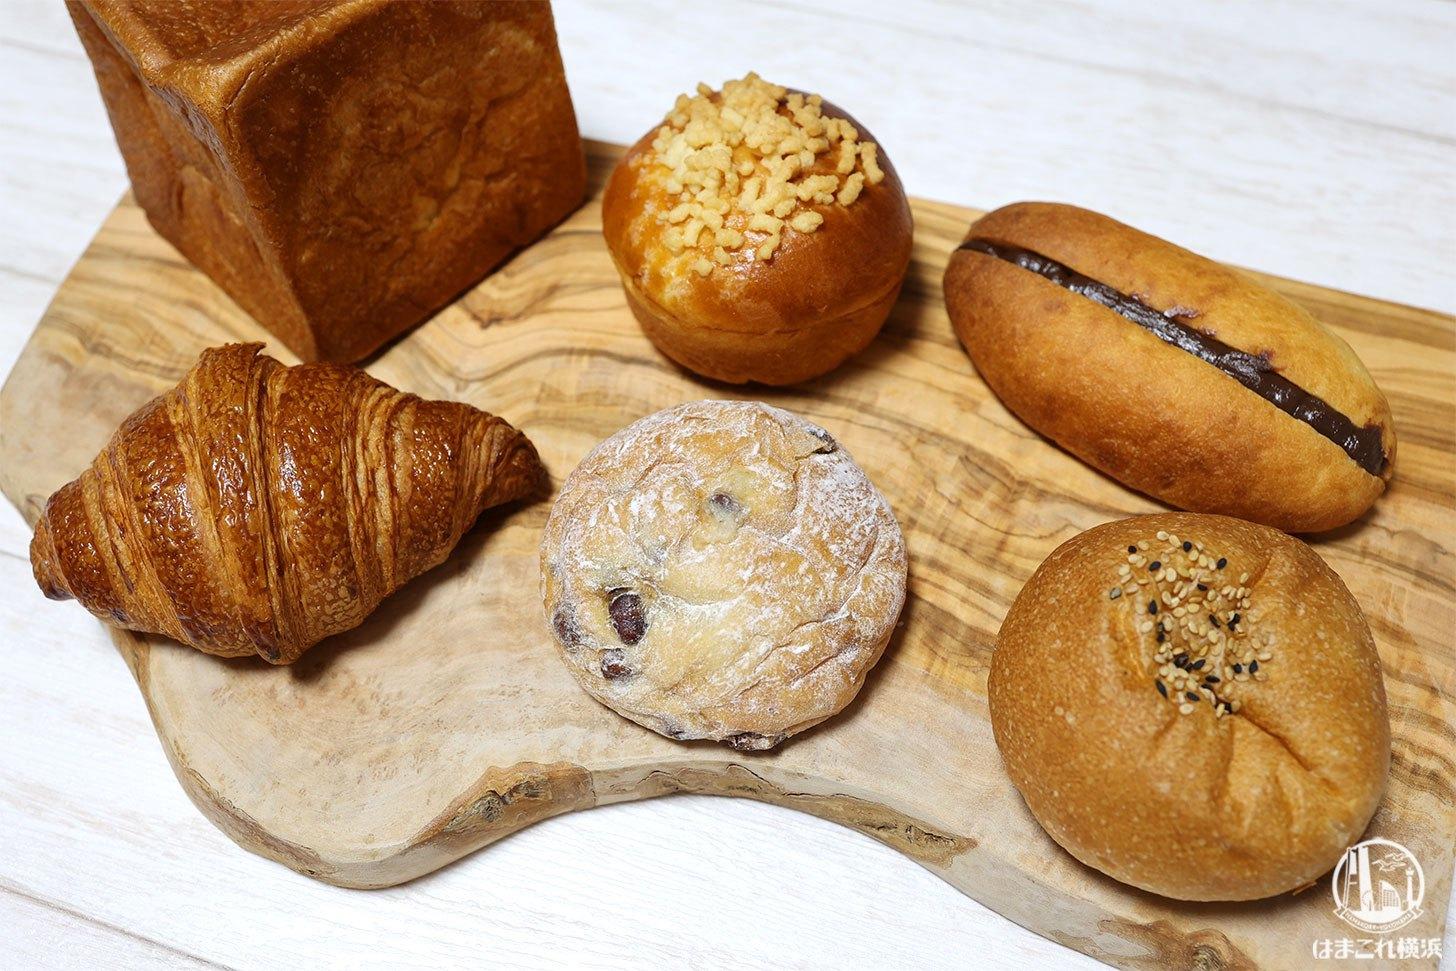 ネイバーズブレッド バイ スタンダードベーカーズで購入したパン